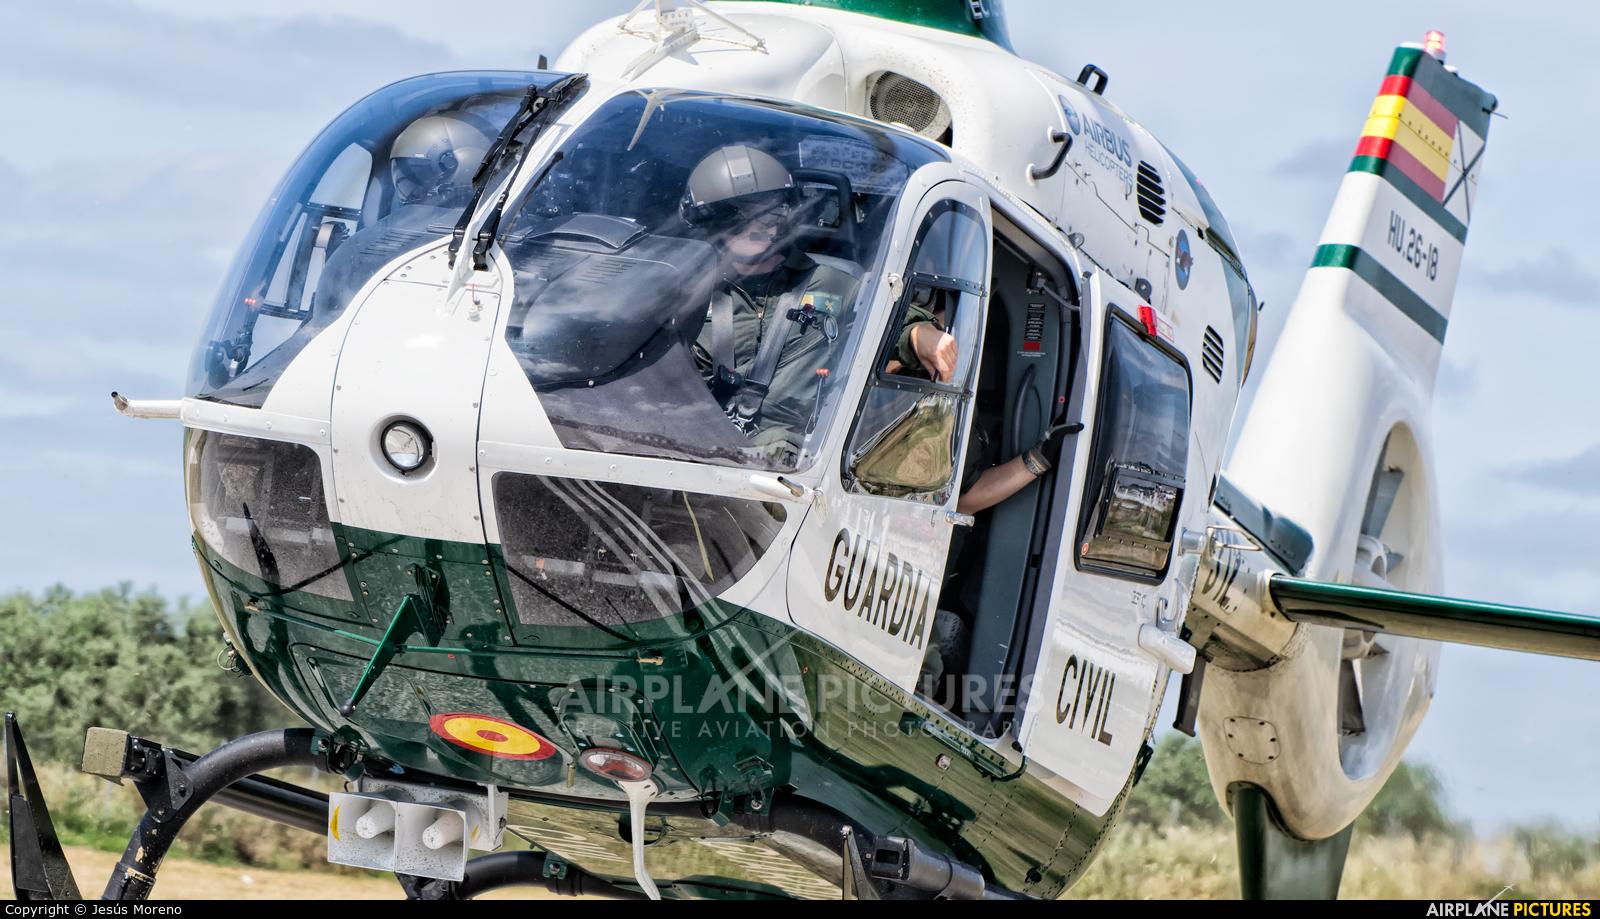 Spain - Guardia Civil HU.26-18 aircraft at La Juliana